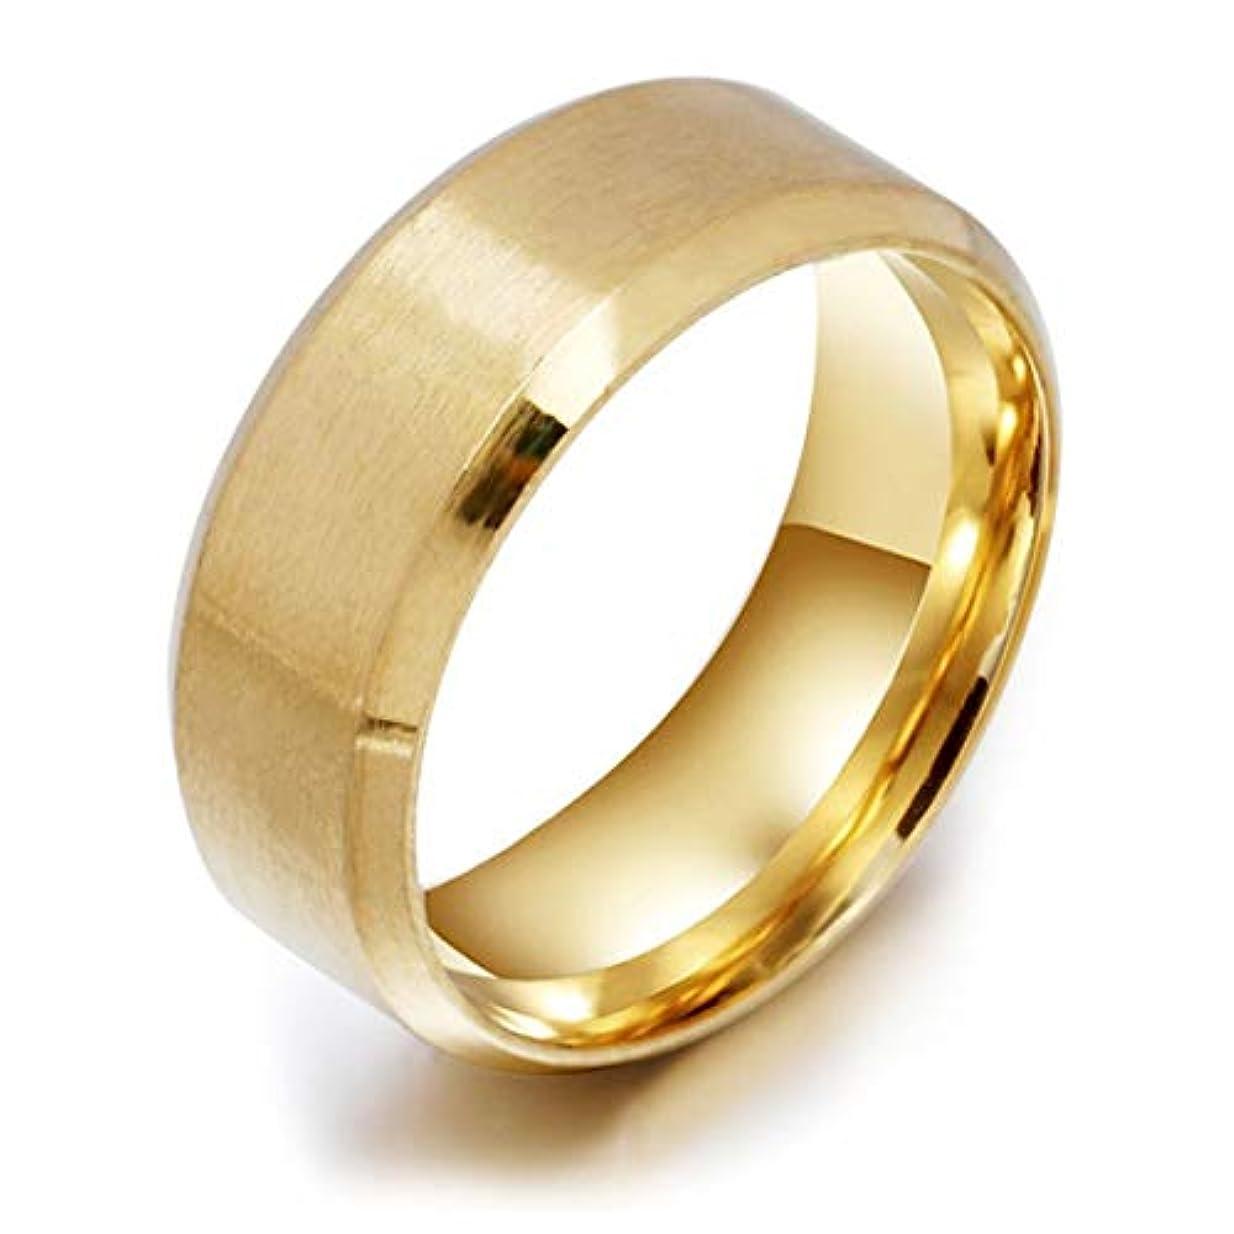 最終制限された強化ステンレス鋼の医療指リング磁気減量リング男性の女性のリングのための高いポーランドのファッションジュエリー (Panda) (色:シルバー)